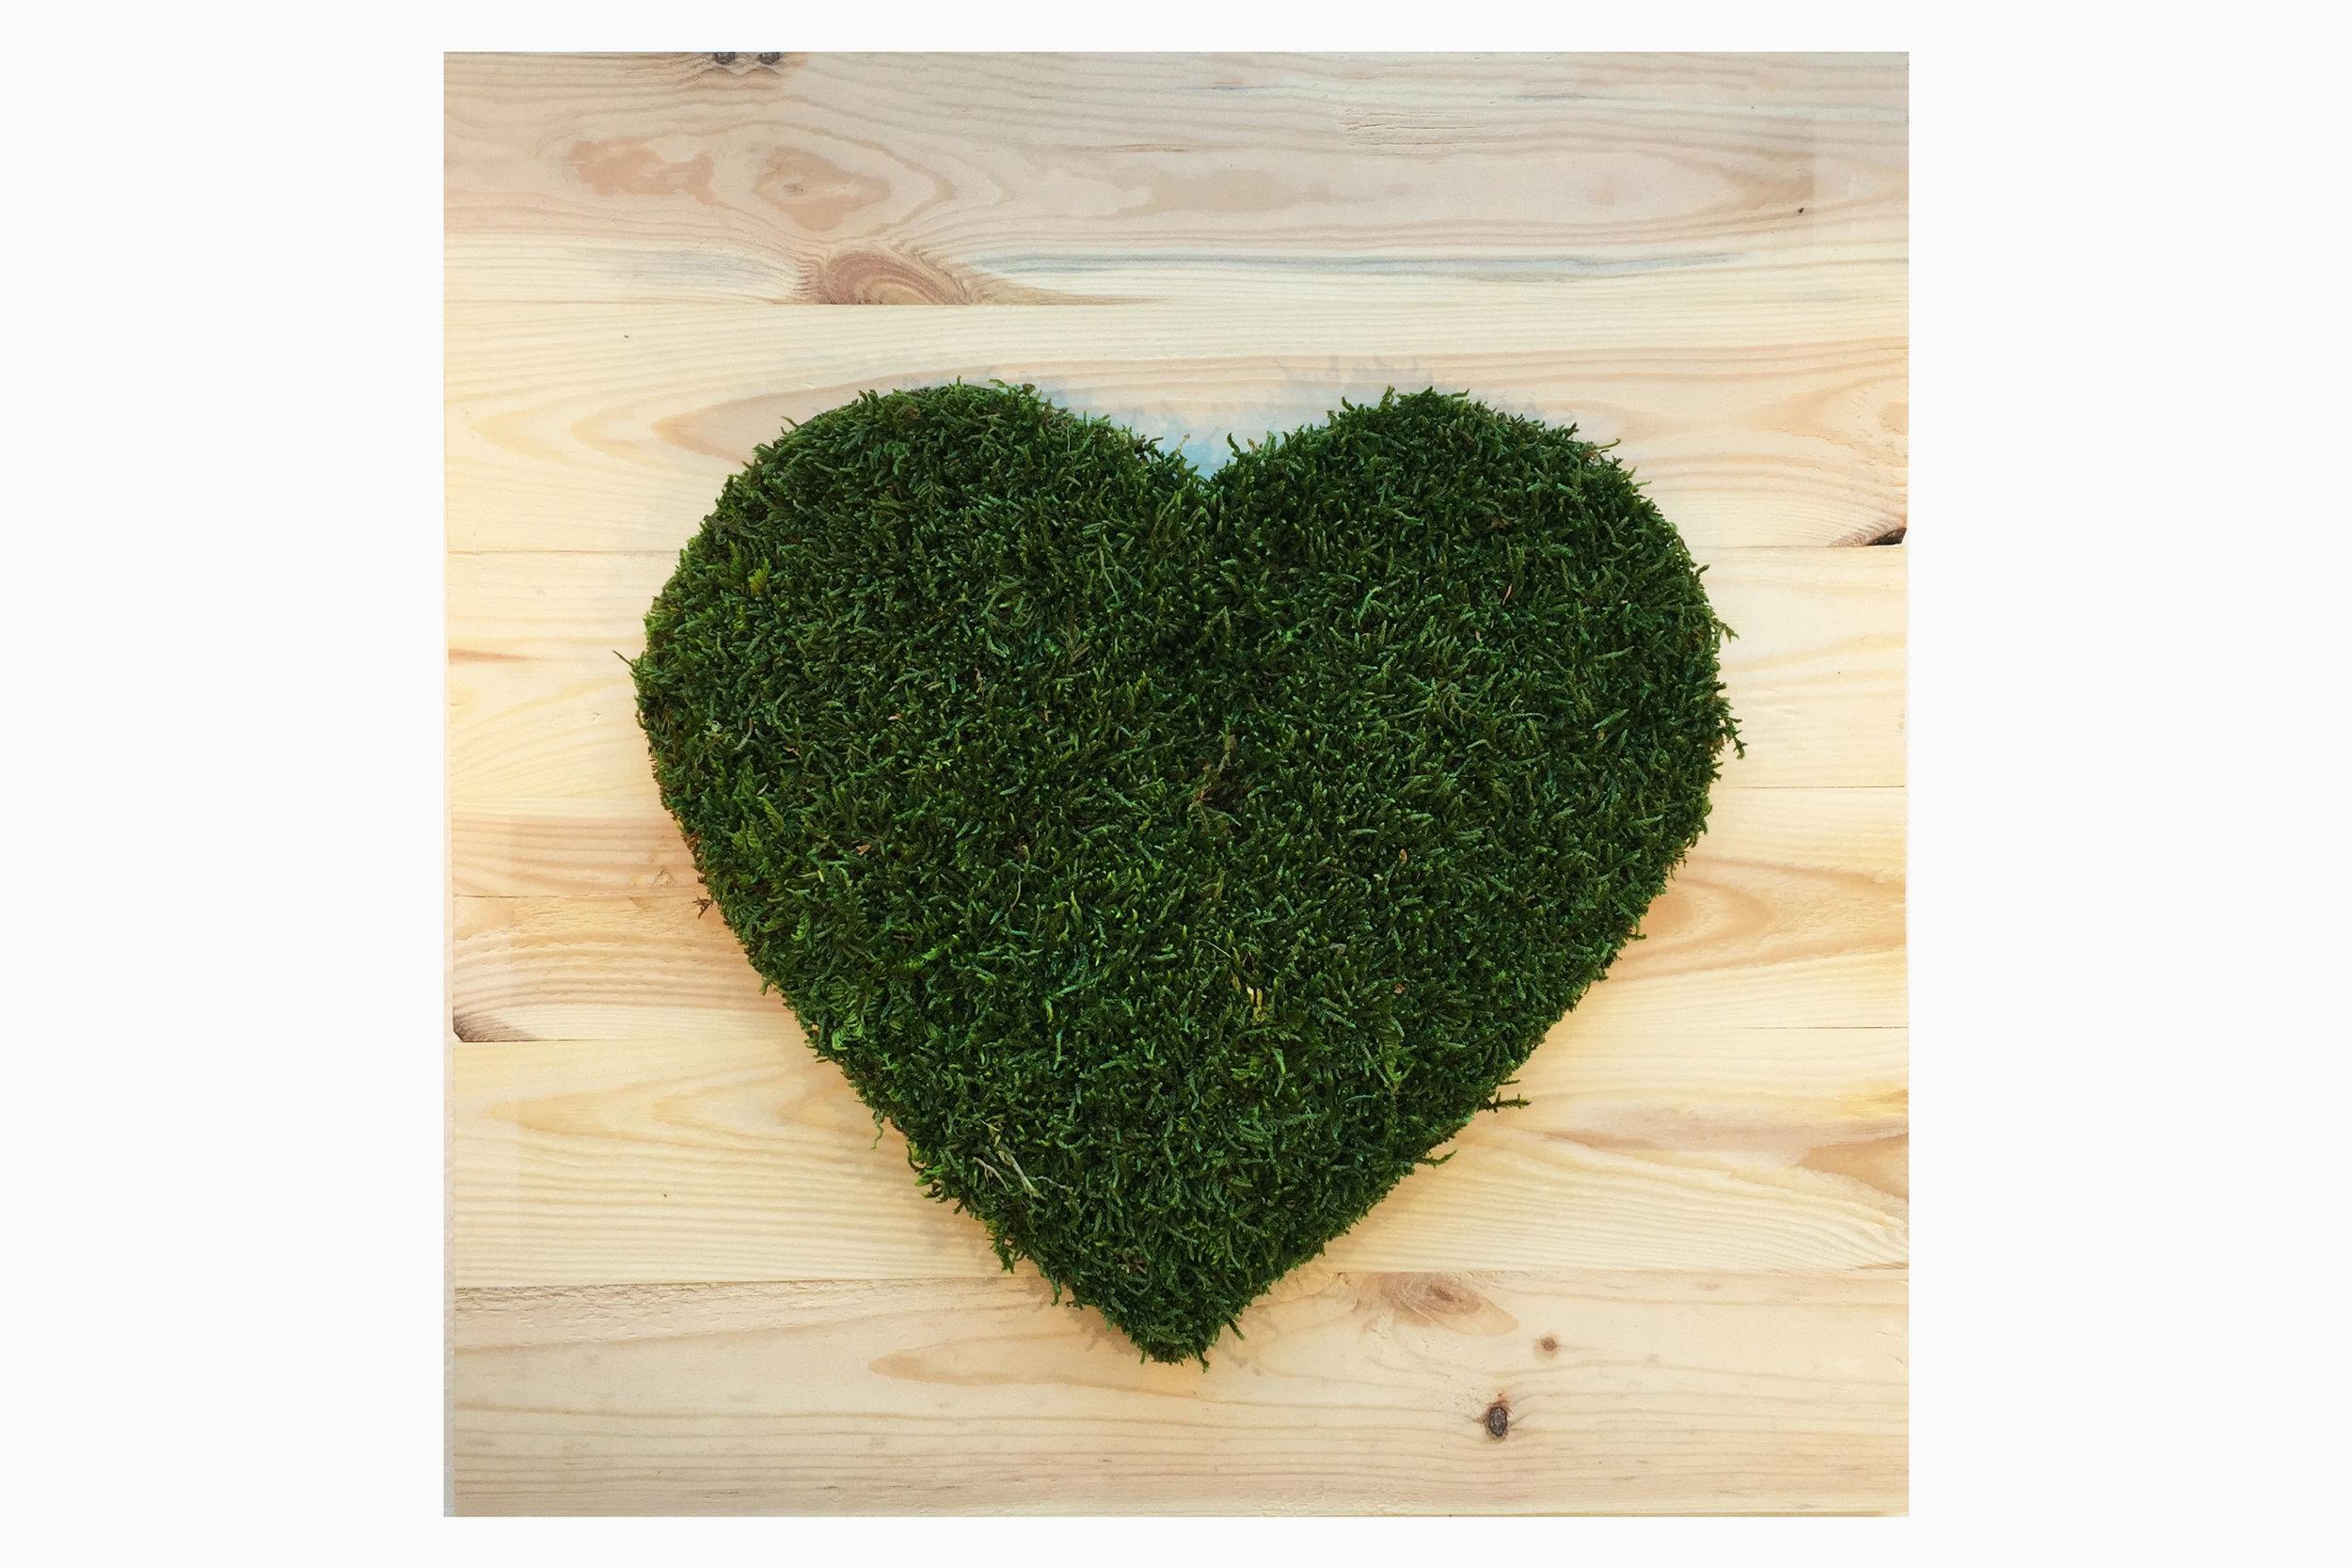 cadre-vegetal-coeur-planche-hoai 2.jpg